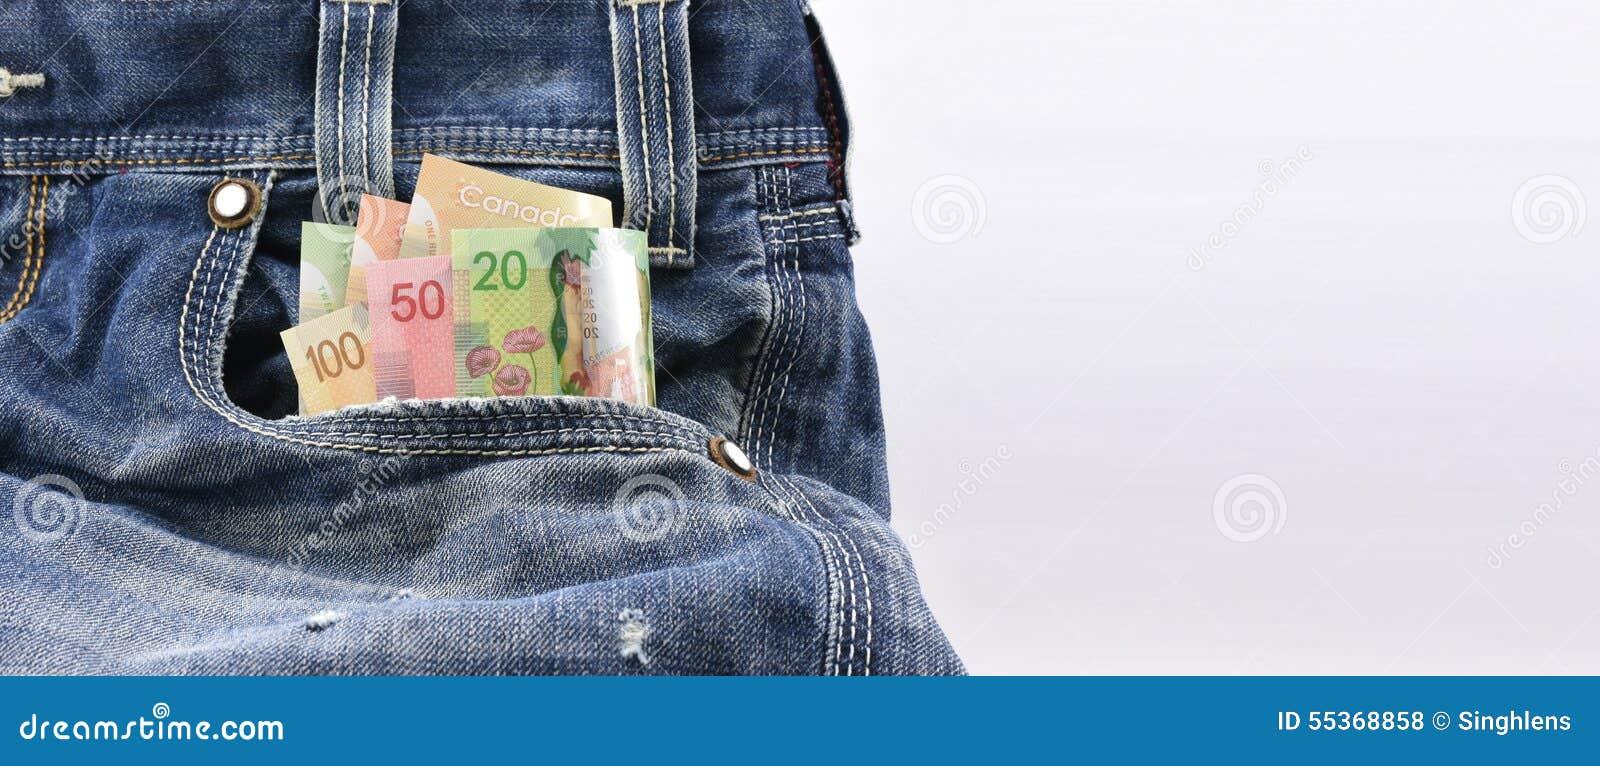 Kanadensiska dollar av värde 20, 50 och 100 i blå grov bomullstvilljeans stoppa i fickan, begreppet på förtjänstpengar som sparar